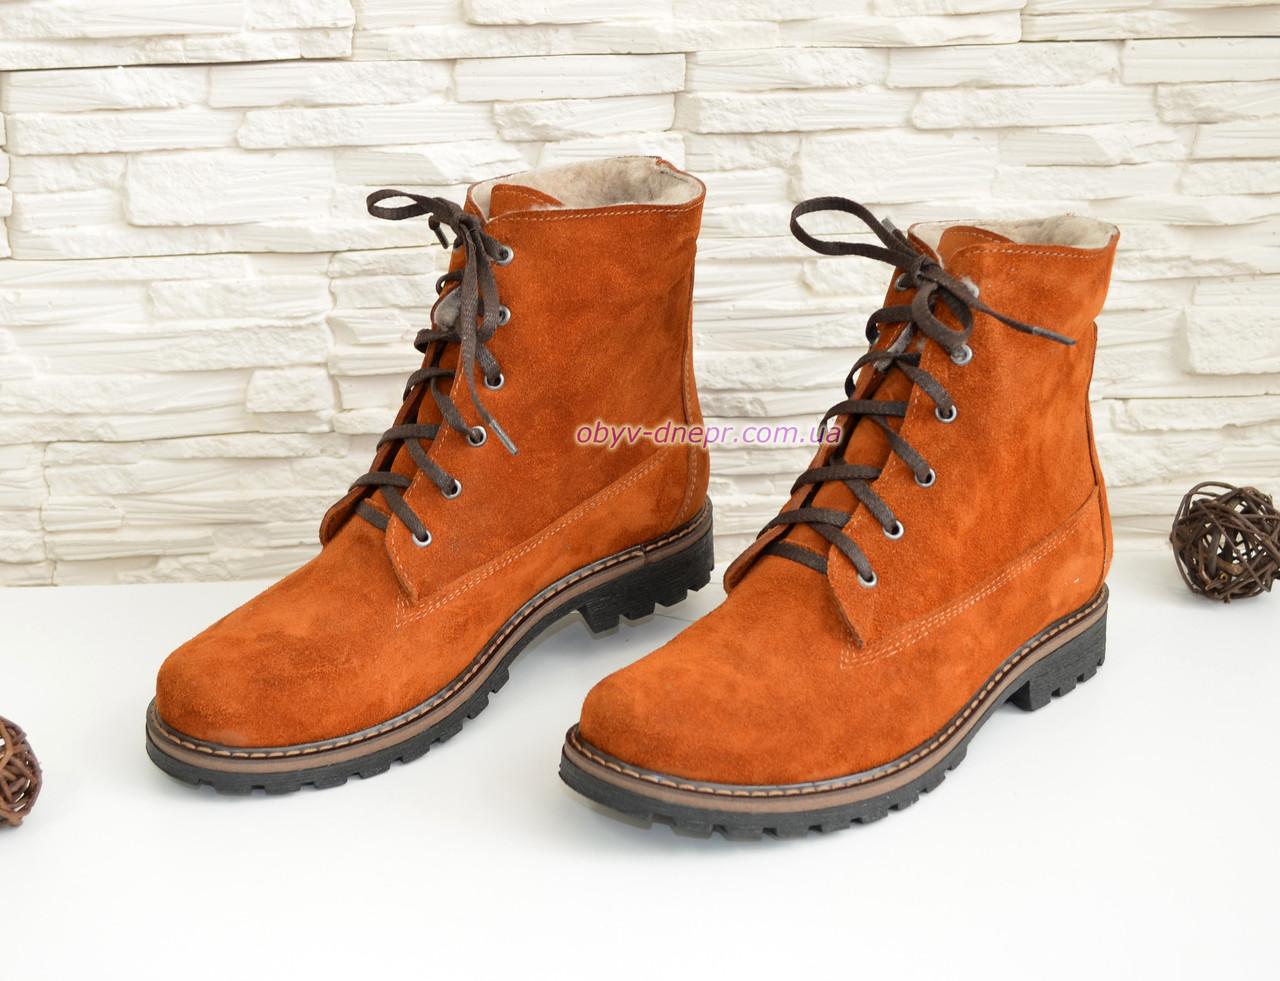 Женские ботинки замшевые рыжие на байке, фото 4